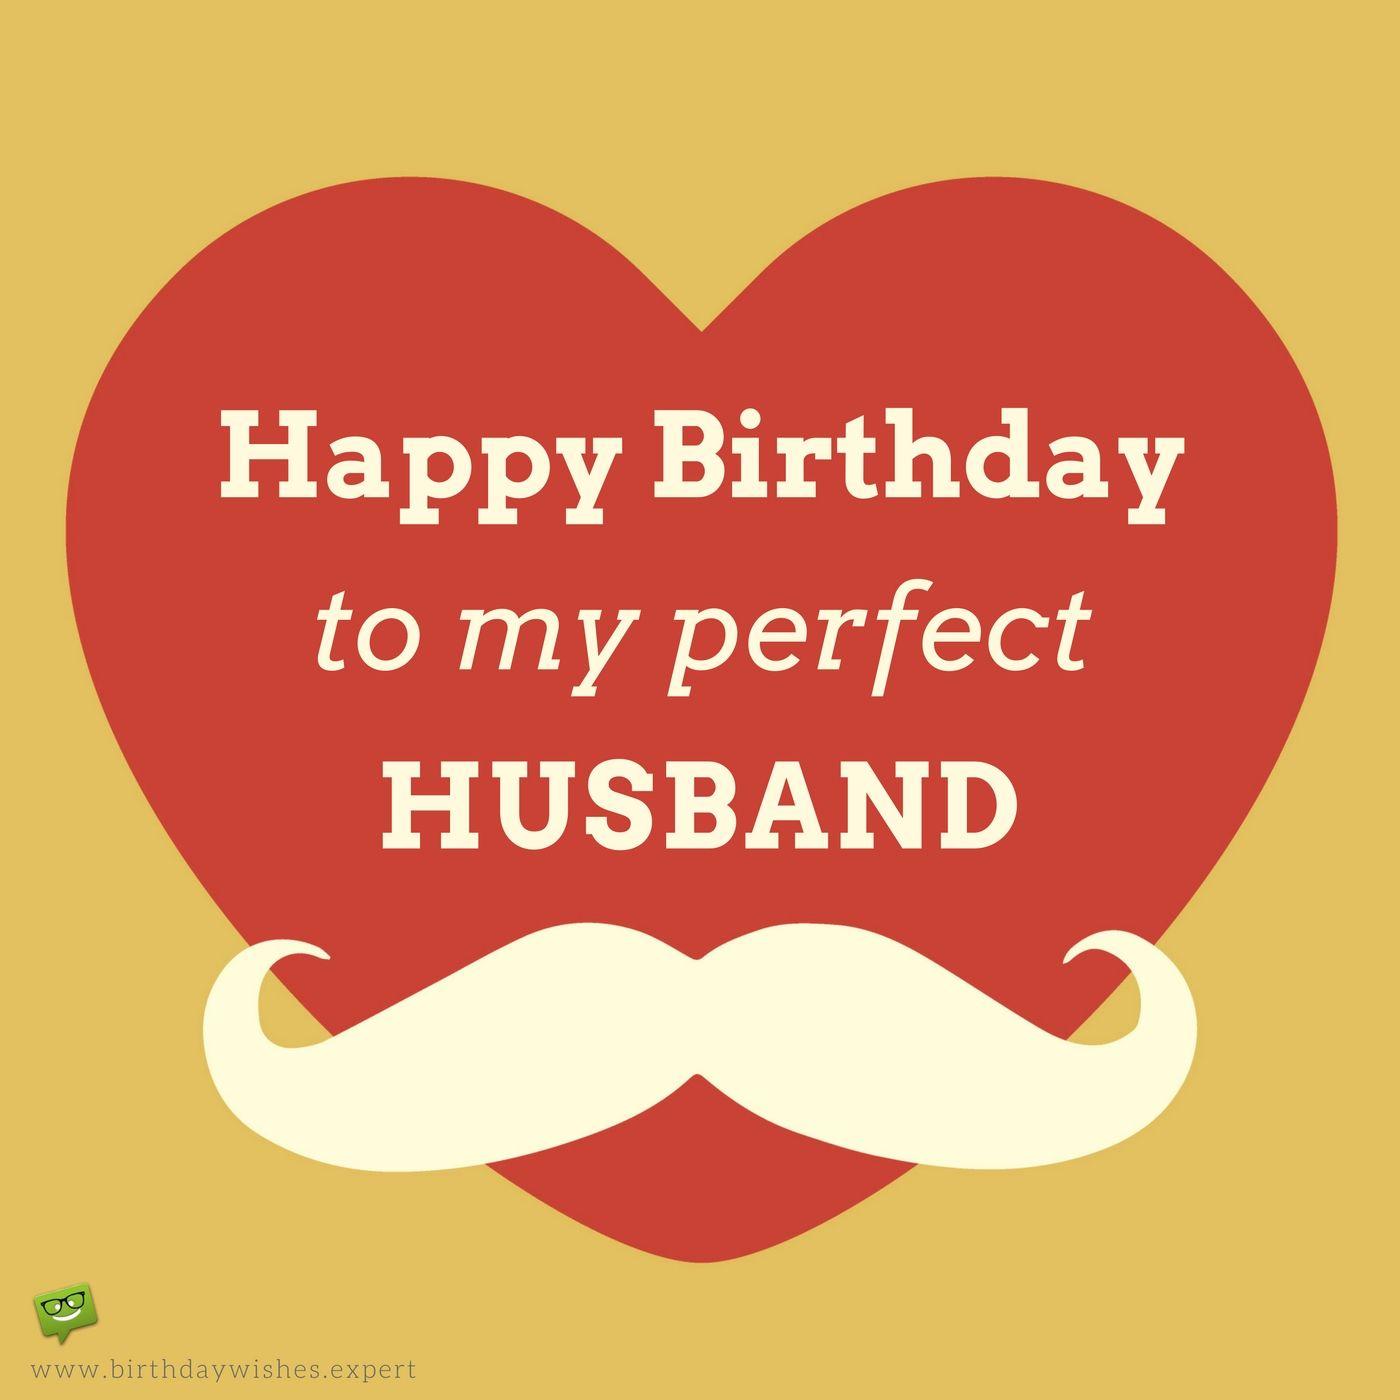 funny birthday meme for sister in law